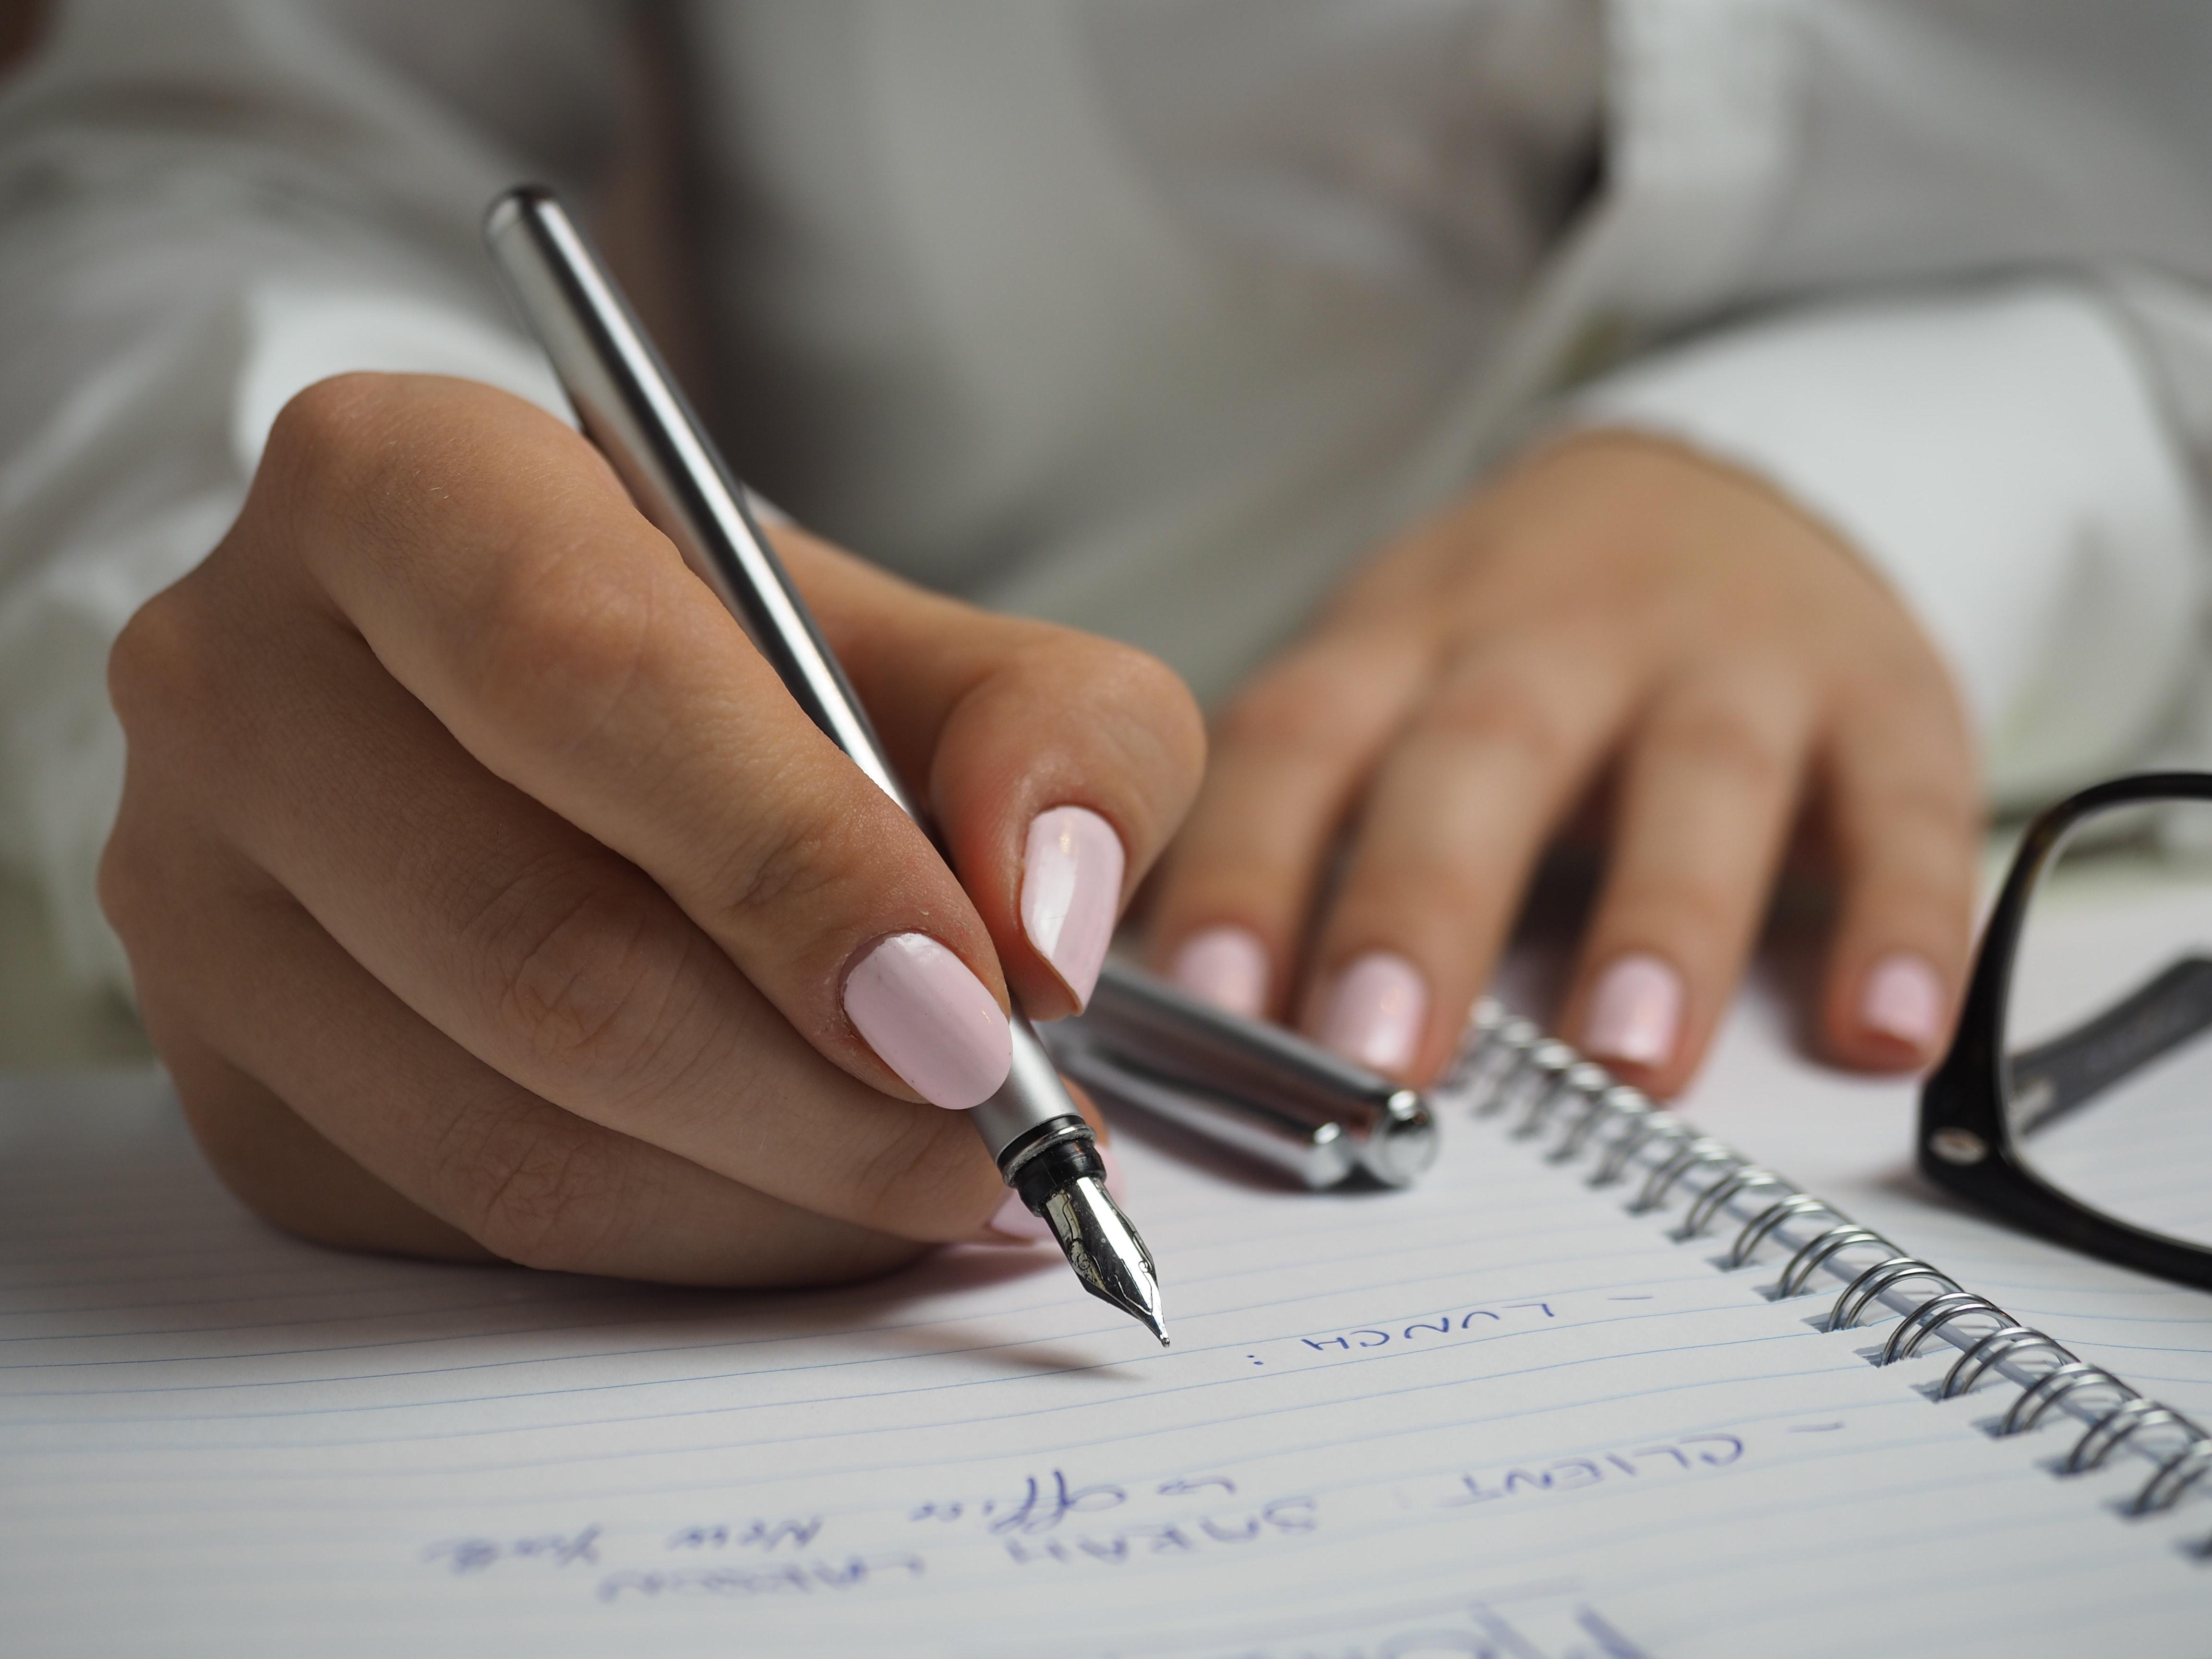 Quando foi a última vez que escreveu com lápis e papel?